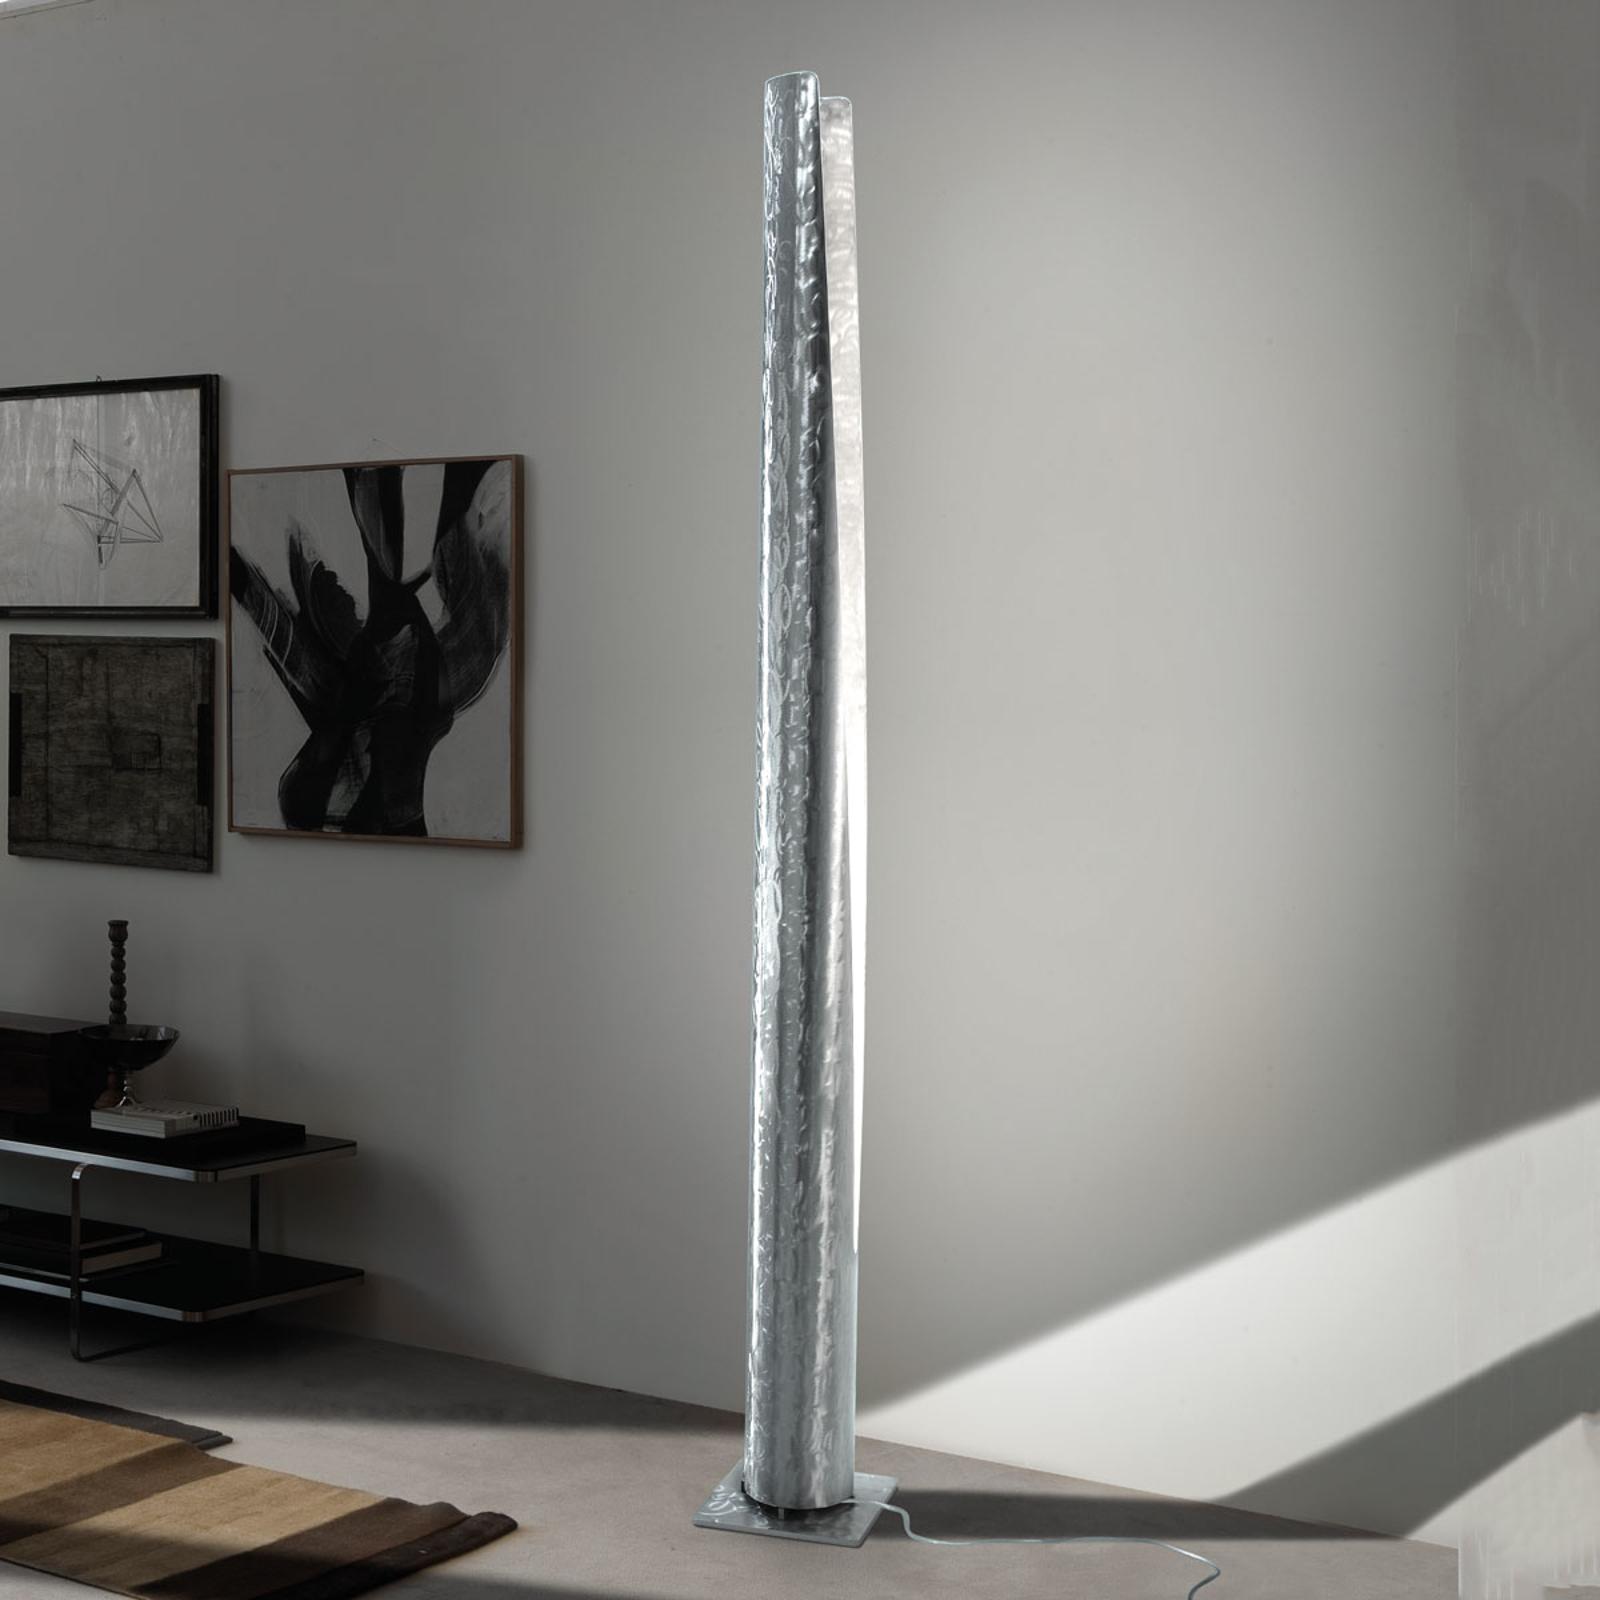 Exclusieve vloerlamp Cannula in geborsteld staal